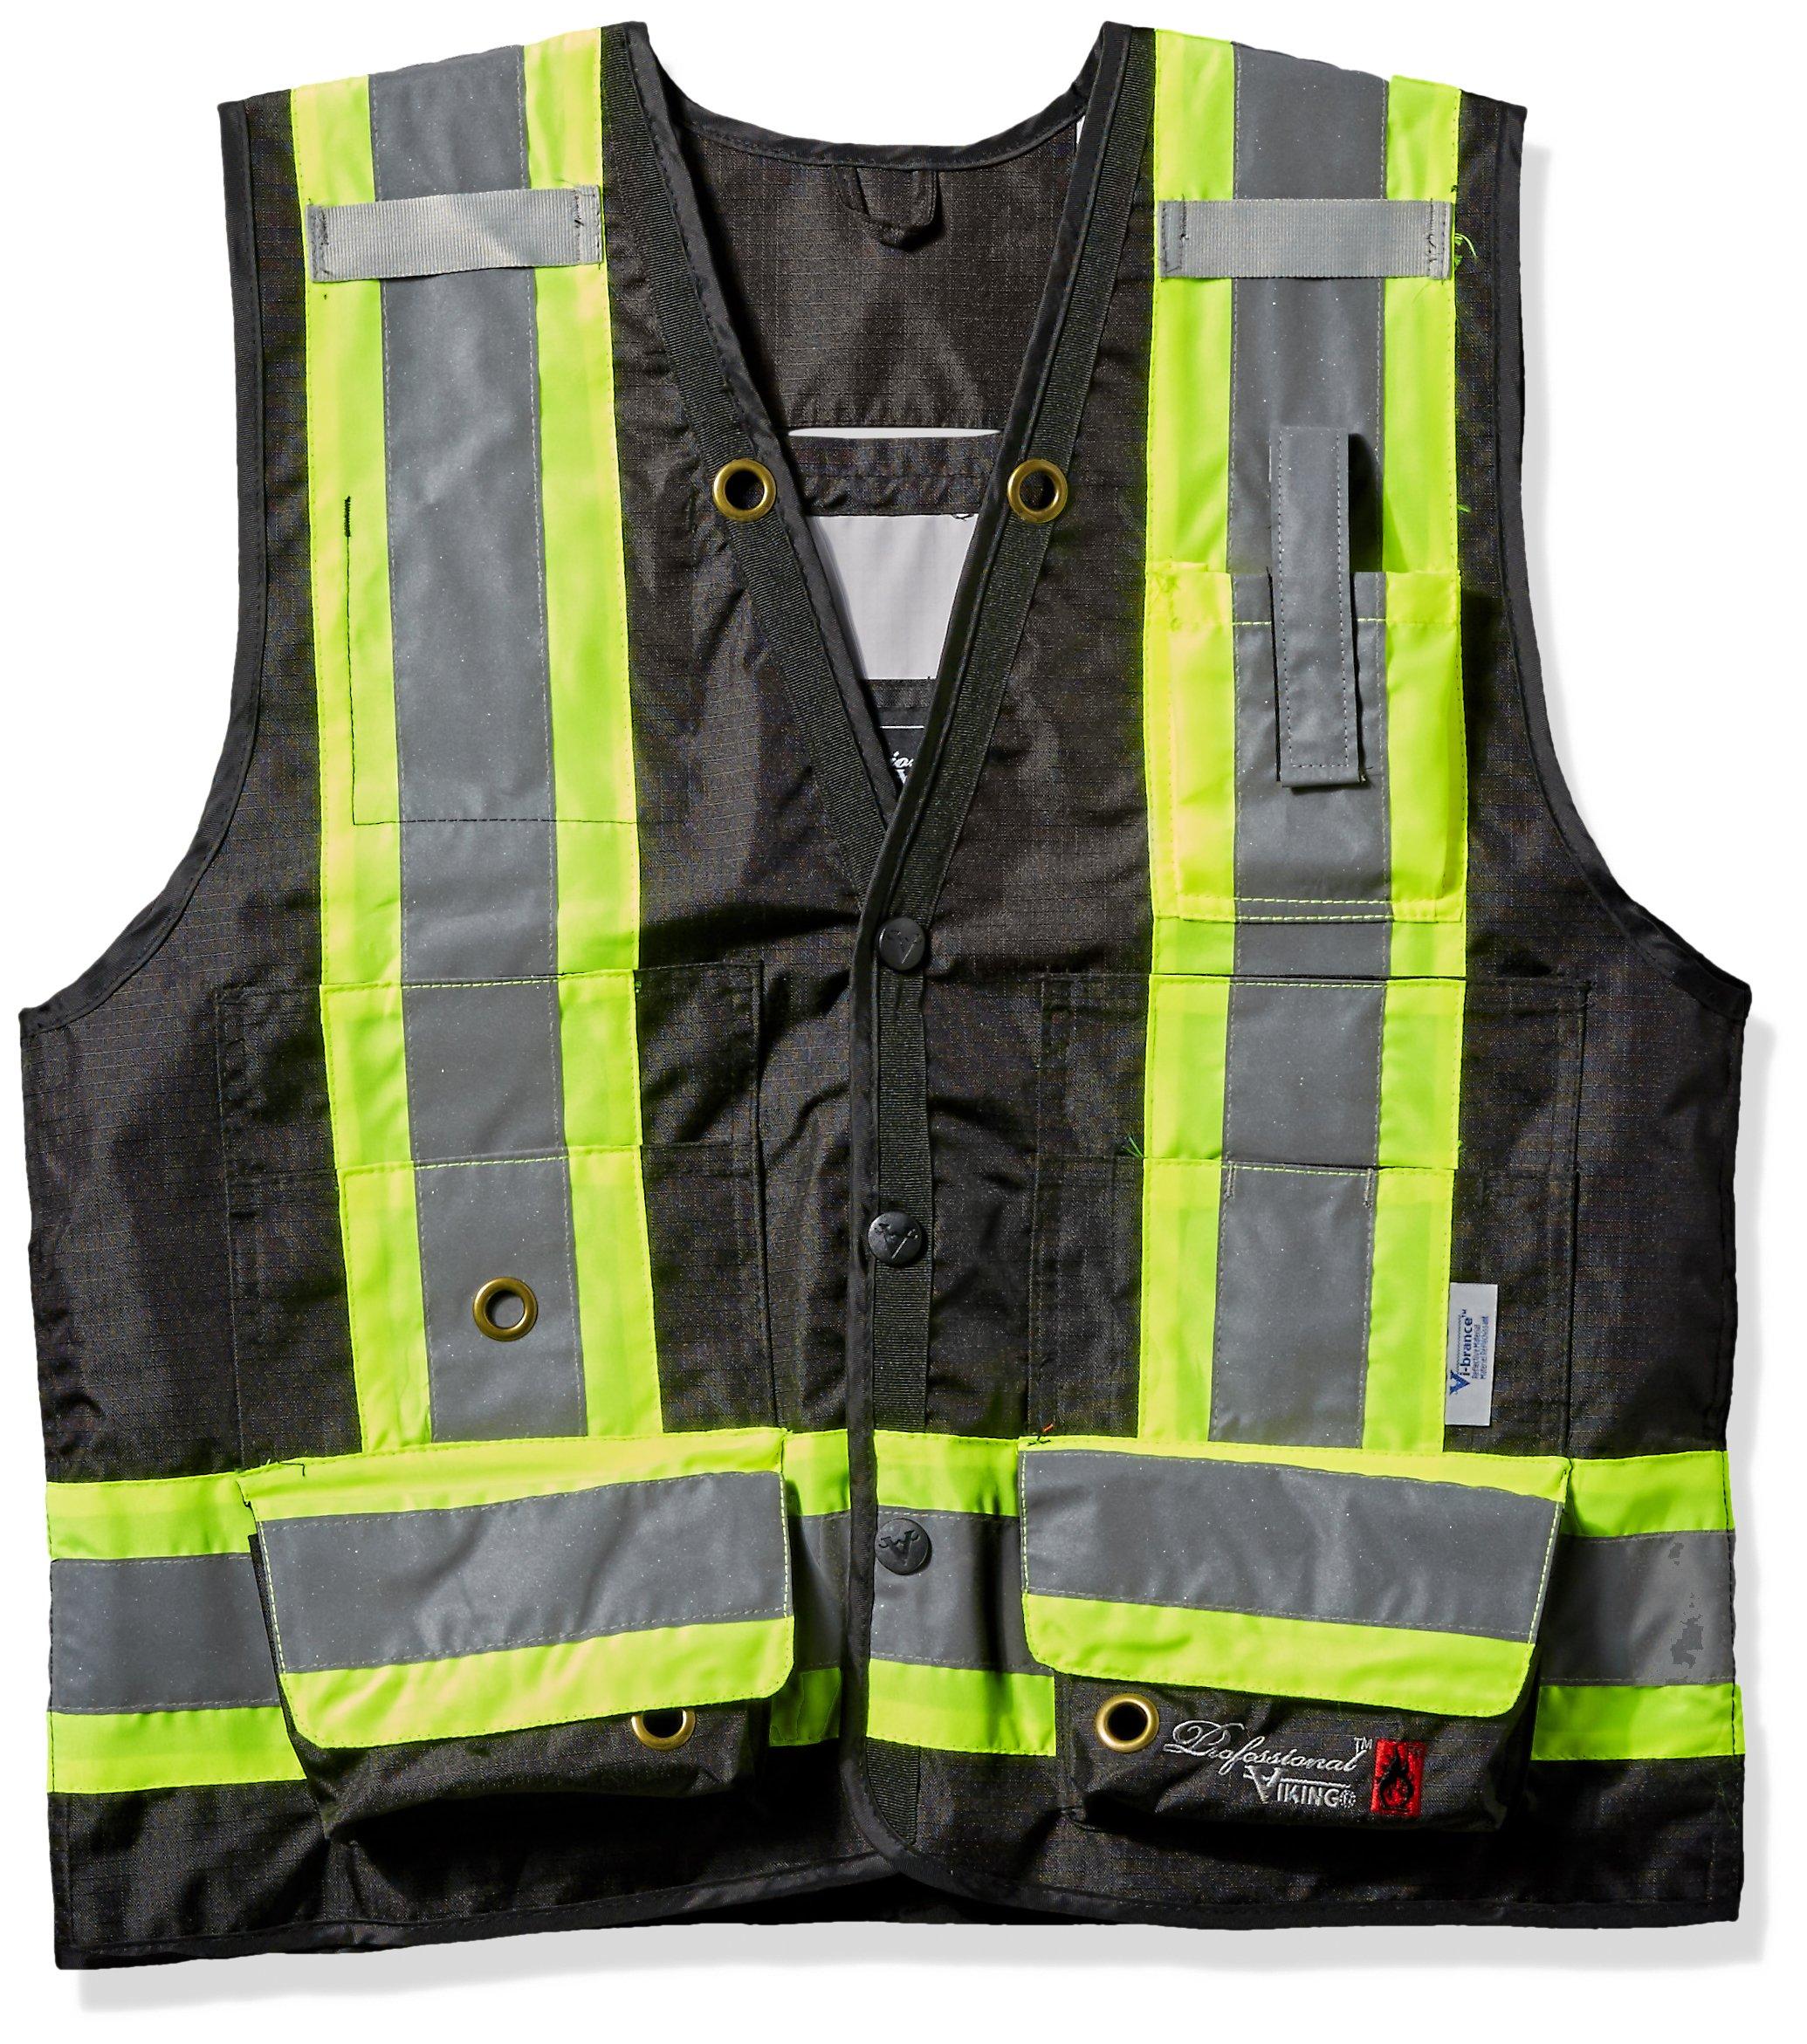 Professional 300D Trilobal Rip Stop Fire Resistant Surveyor Vest Size: X-Large